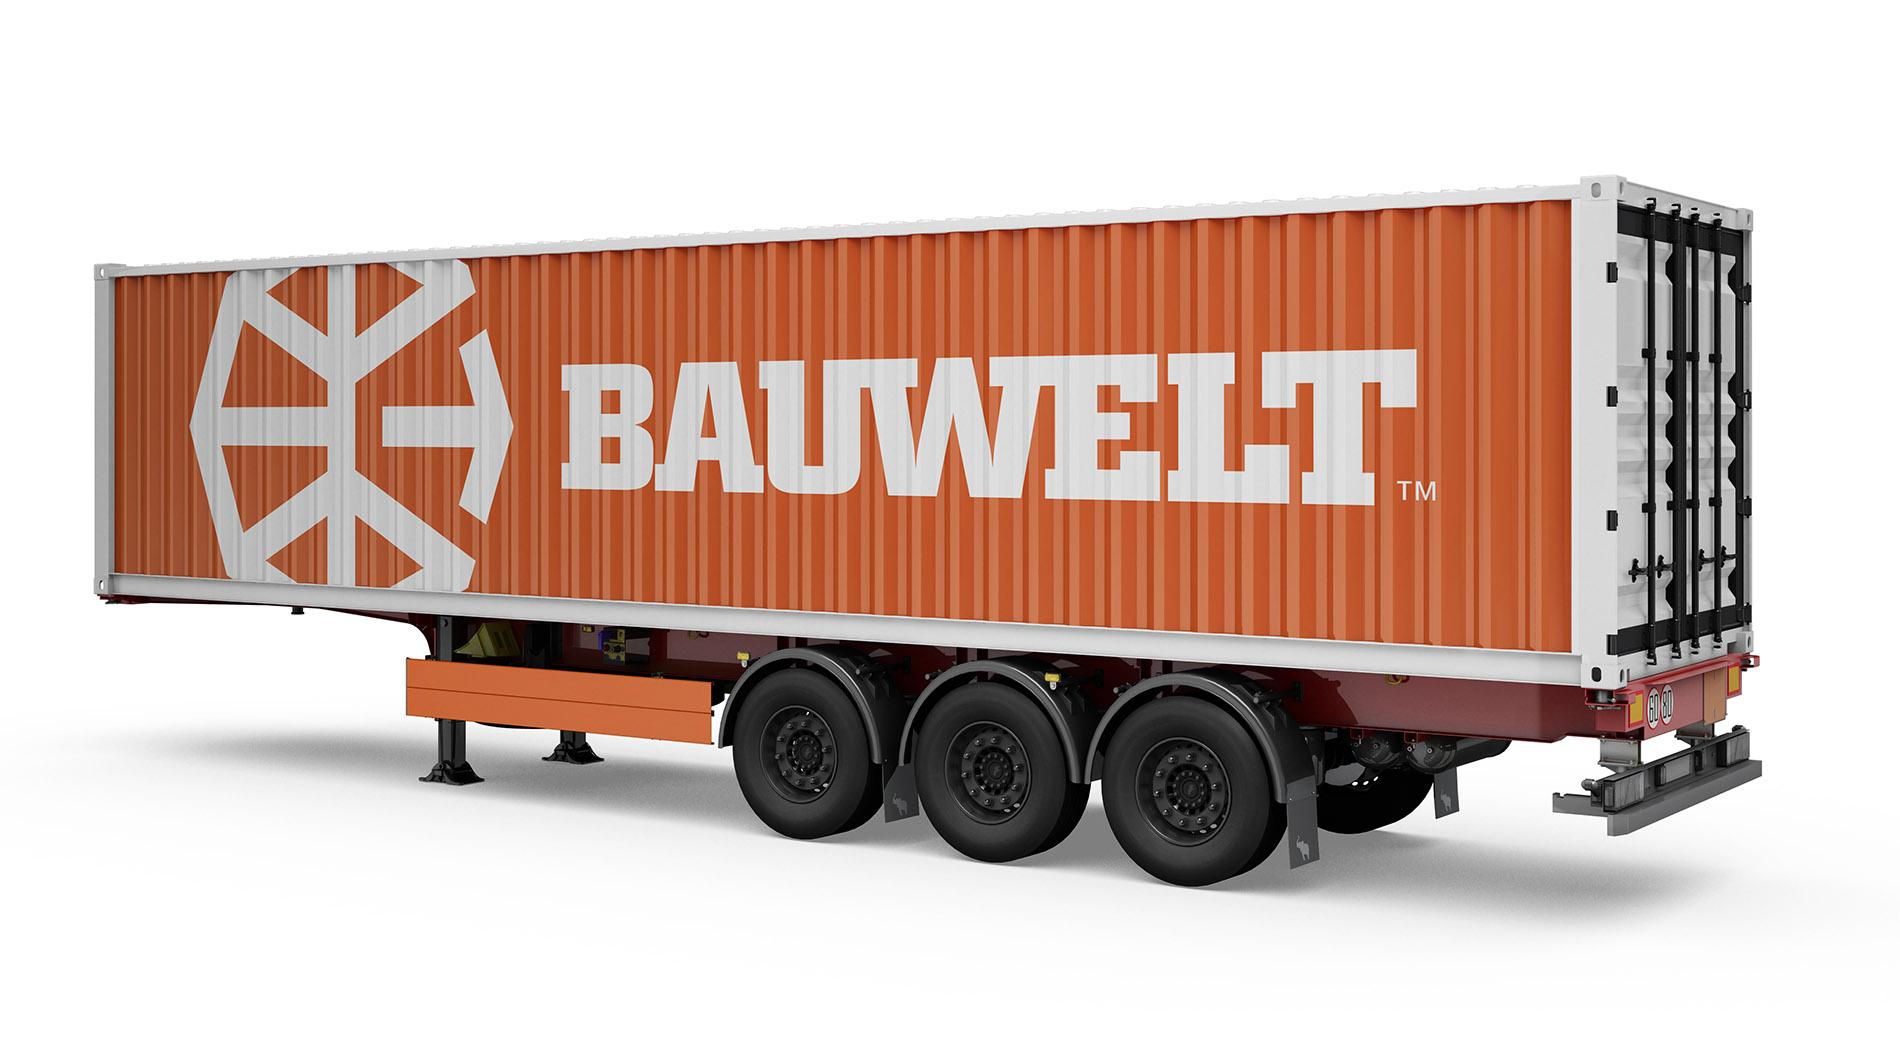 Bauwelt branding